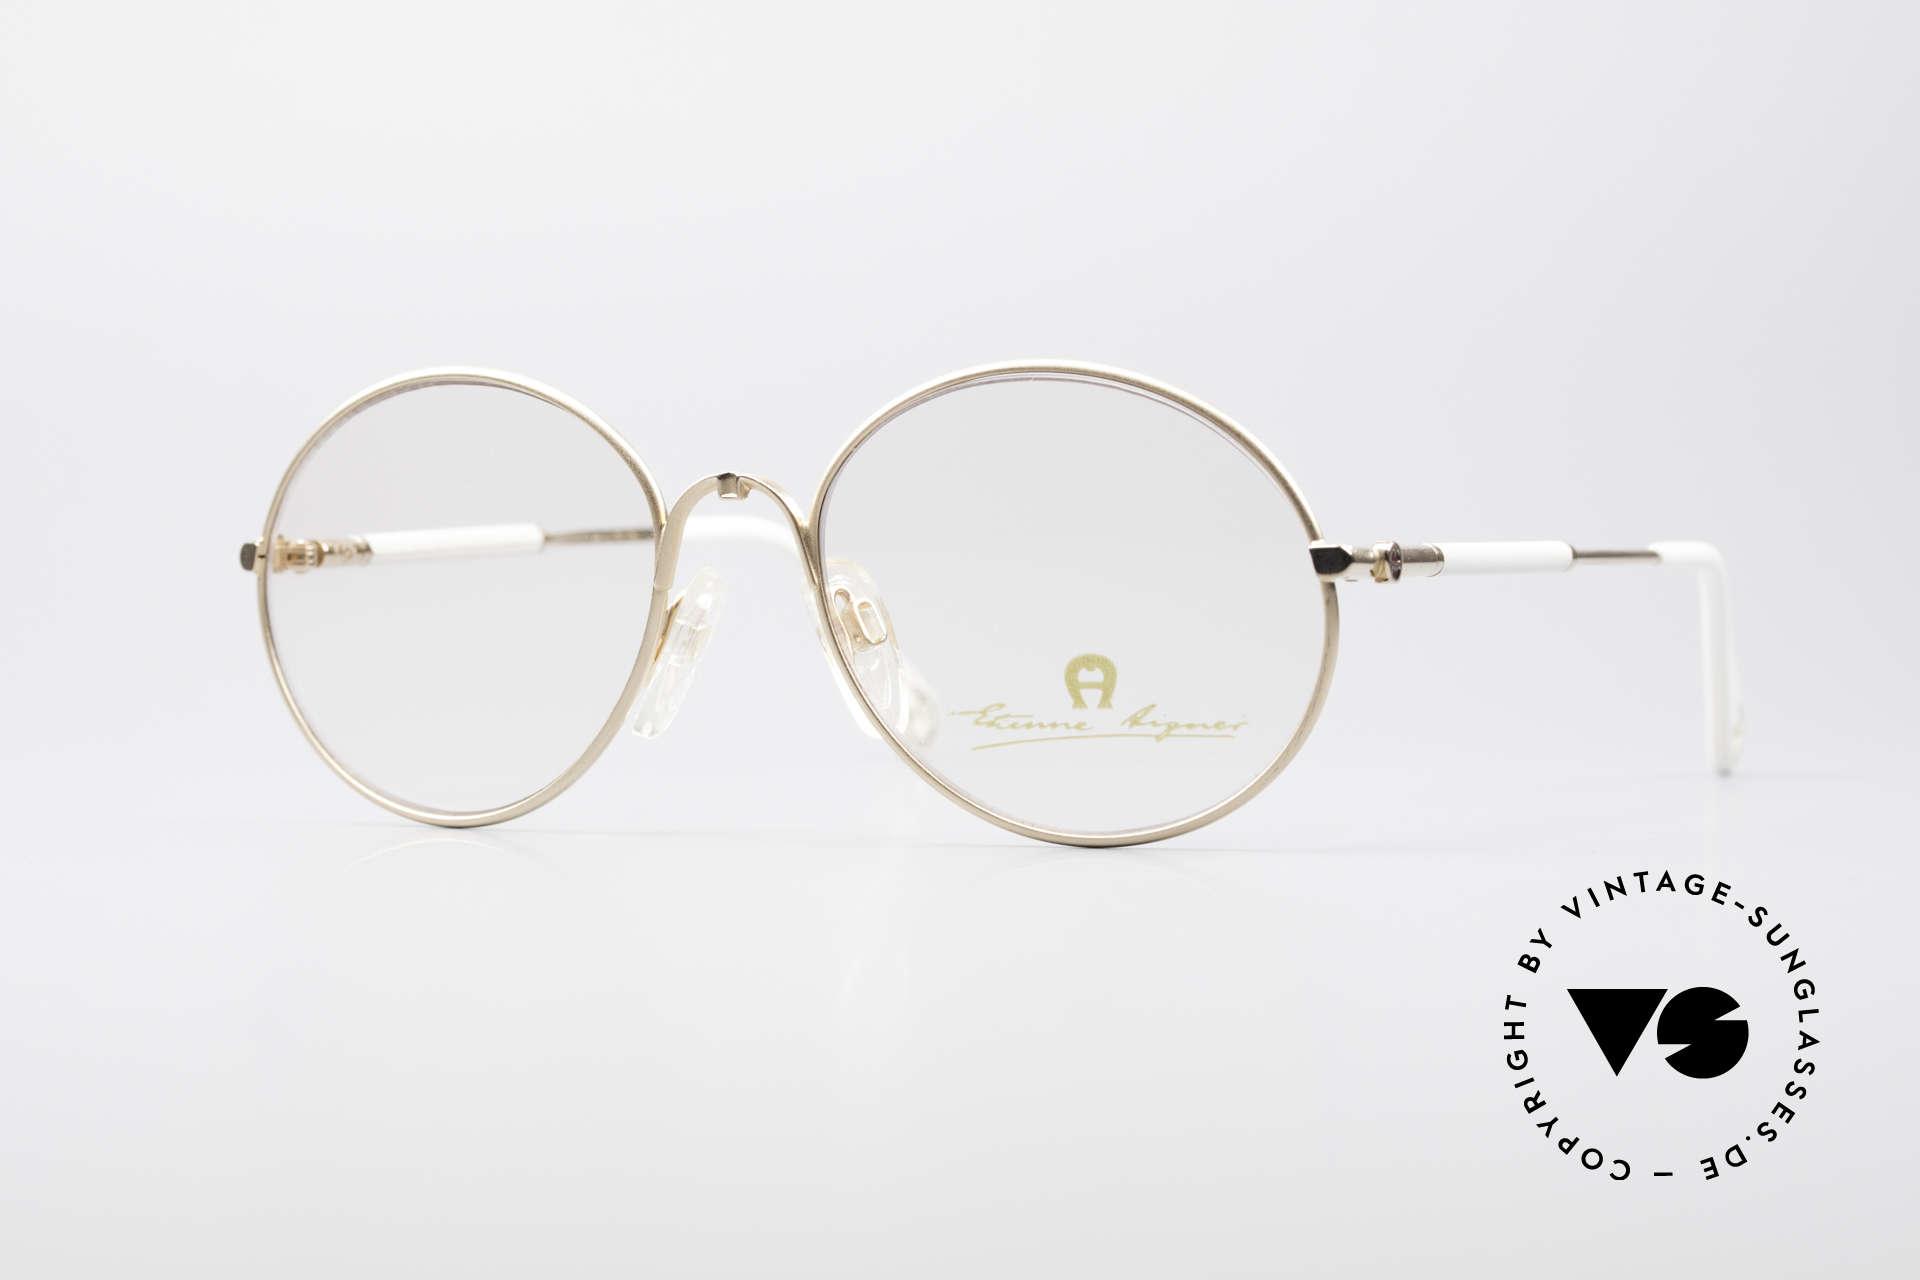 Aigner EA13 Kleine Runde 80er Brille, Etienne Aigner vintage Designer-Brille der 1980er, Passend für Damen